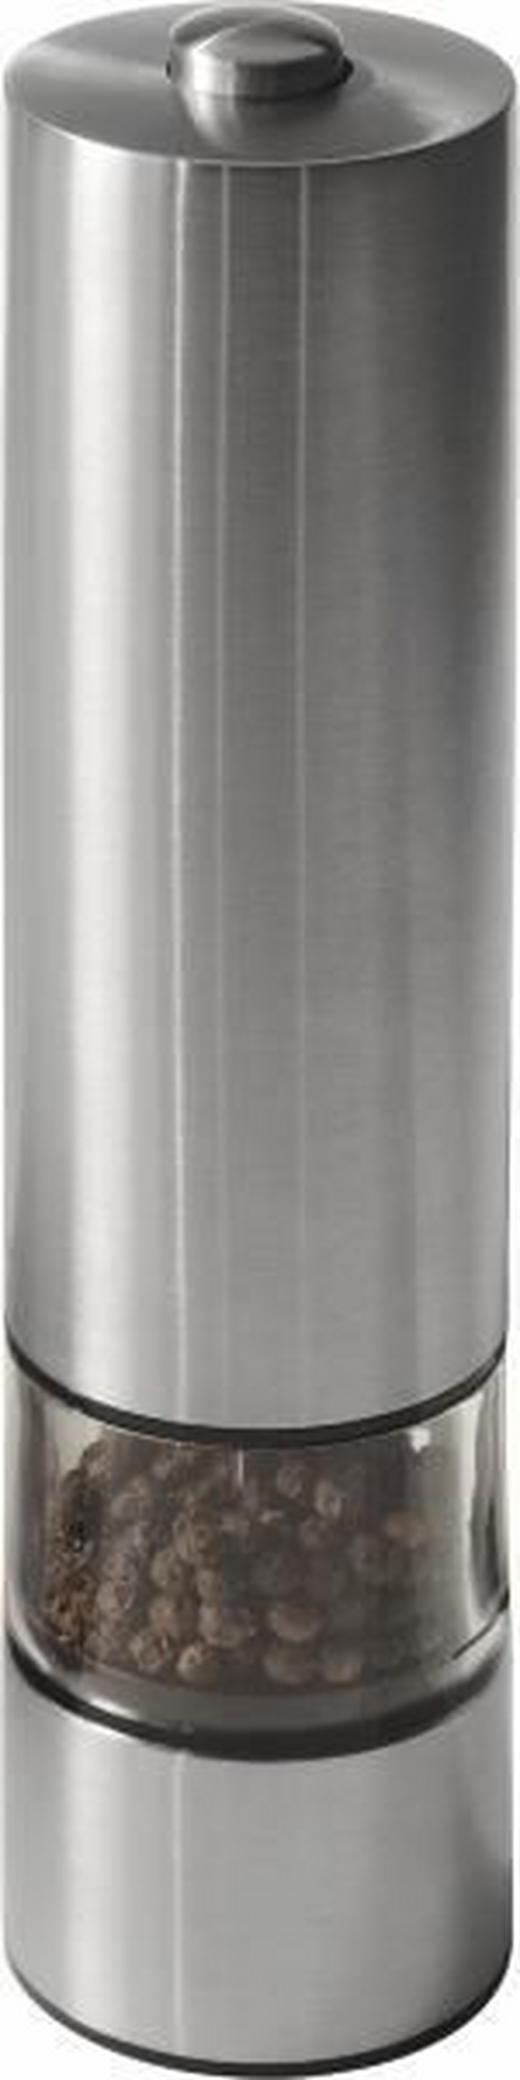 ELEKTR. SALZ-/PFEFFERMÜHLE - Edelstahlfarben, KONVENTIONELL, Metall (22cm)